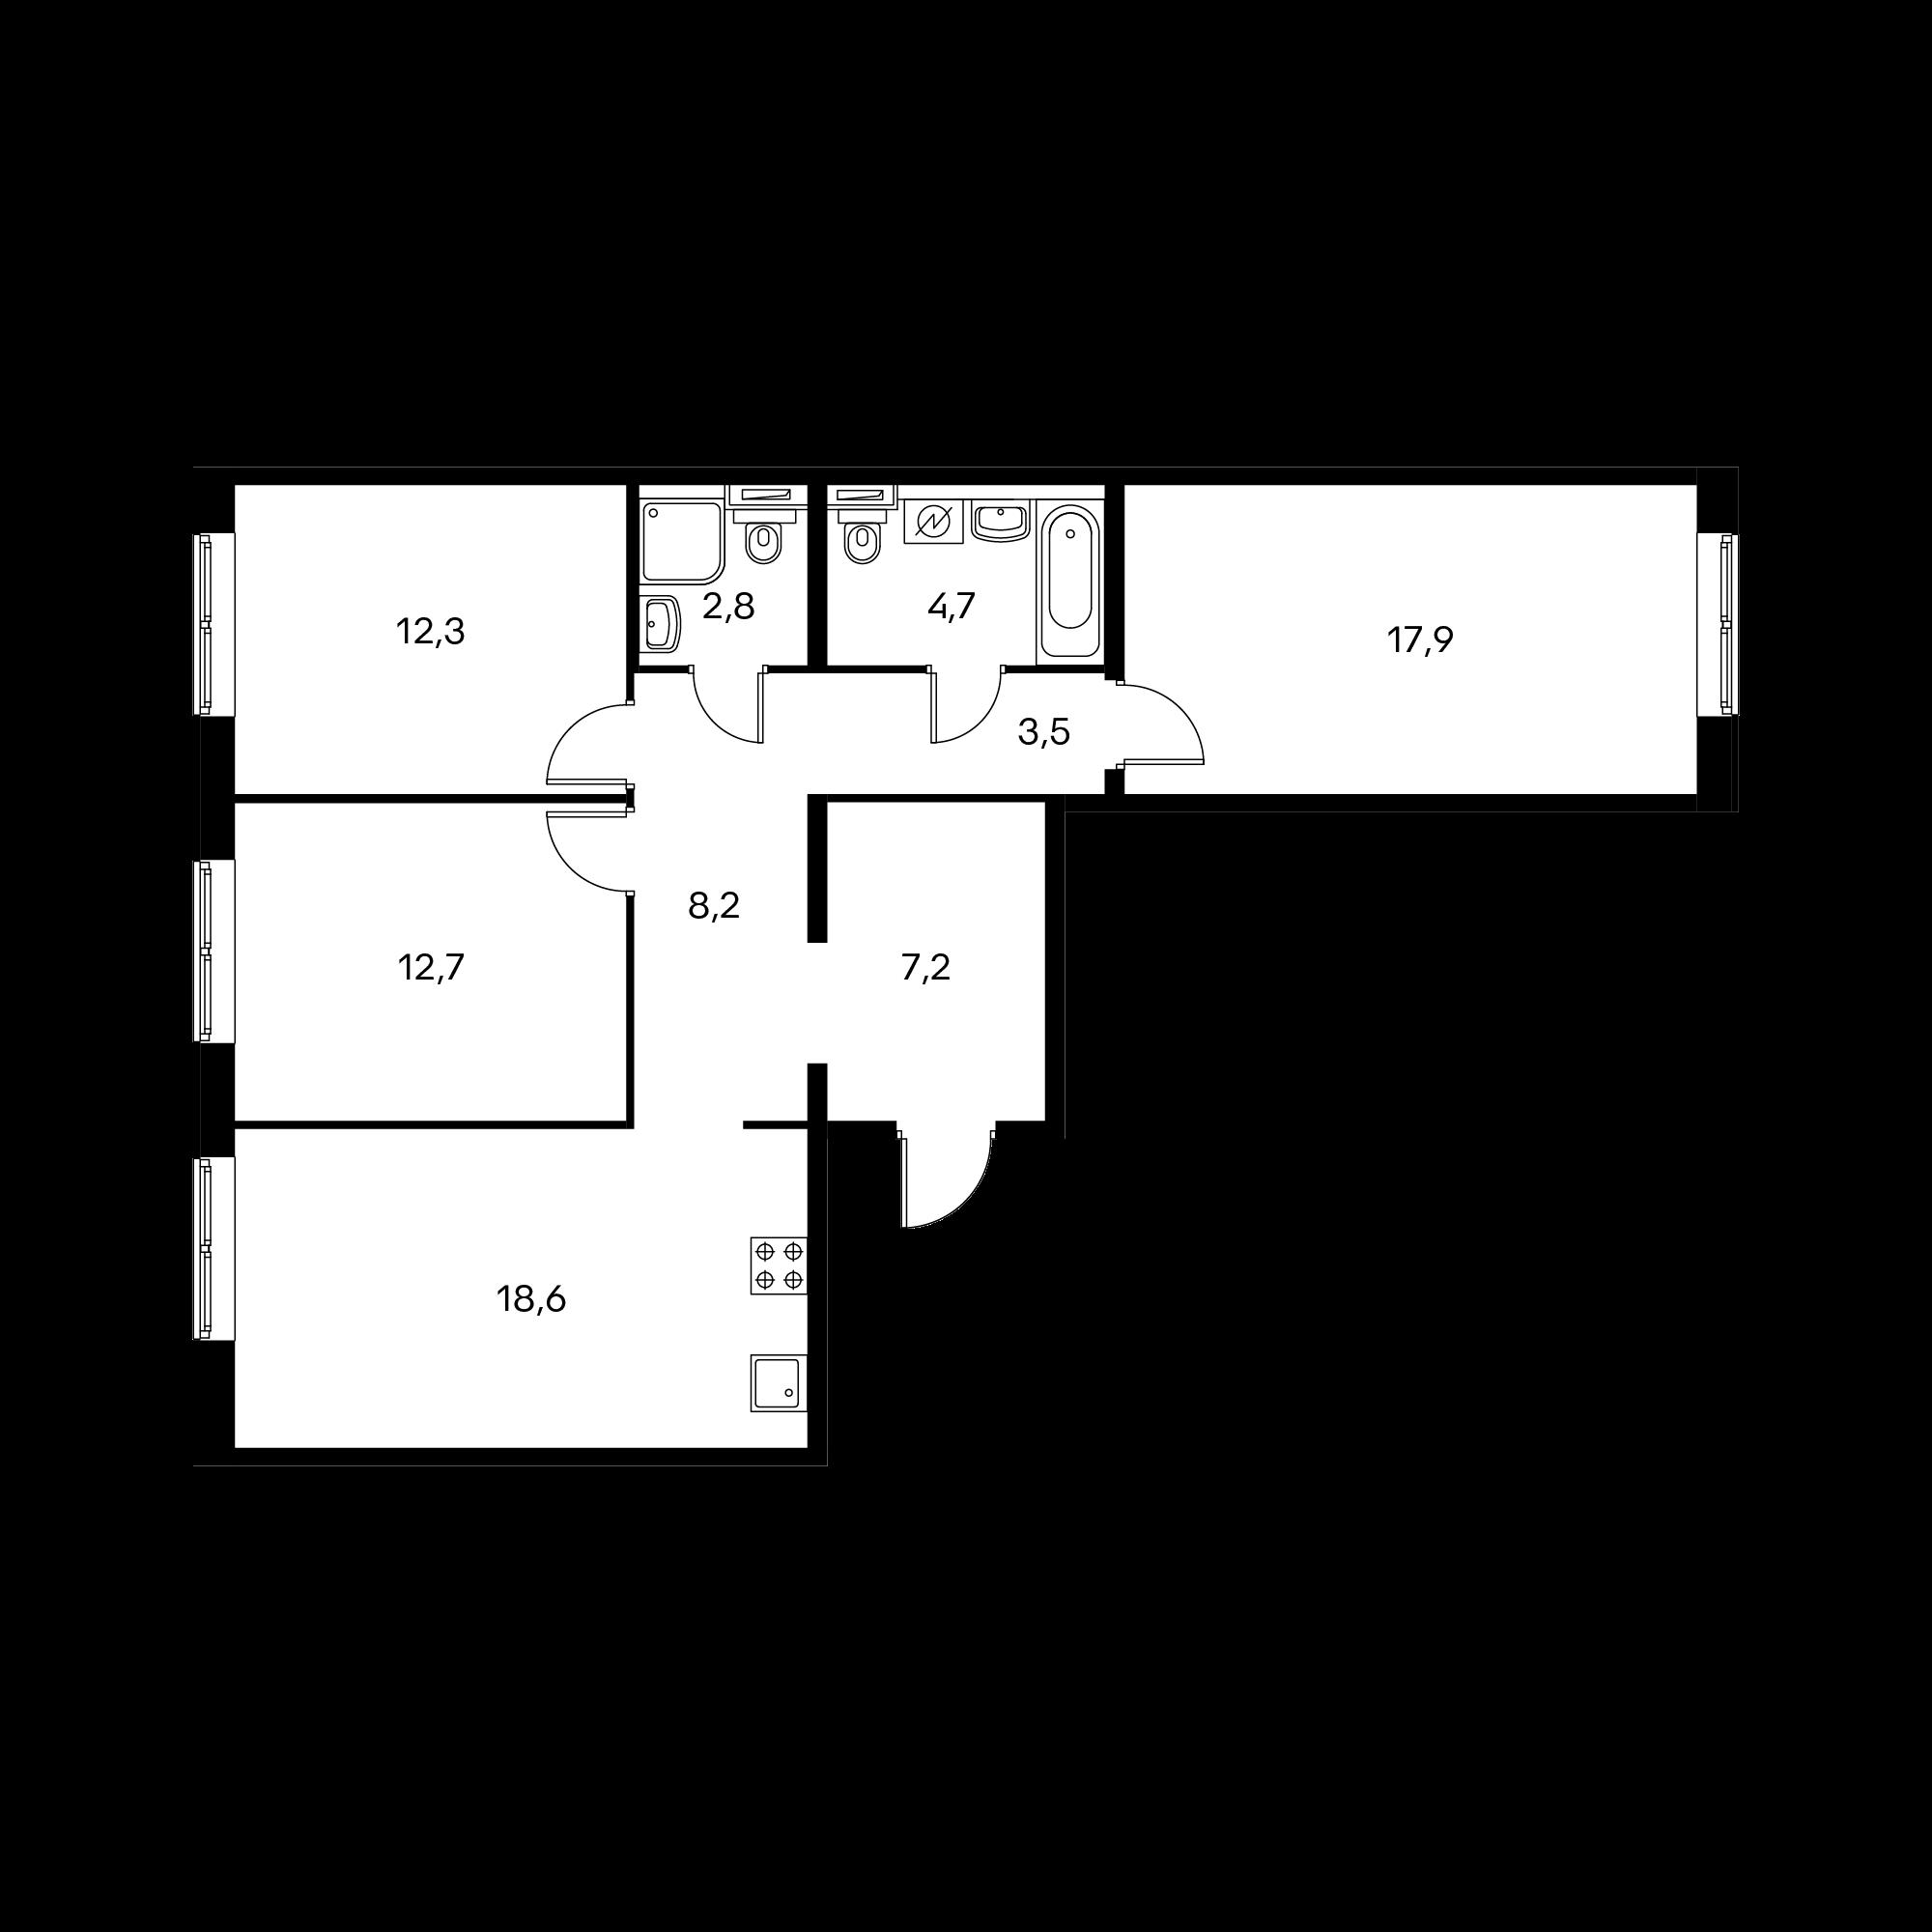 3EL3_9.9-1SA_1